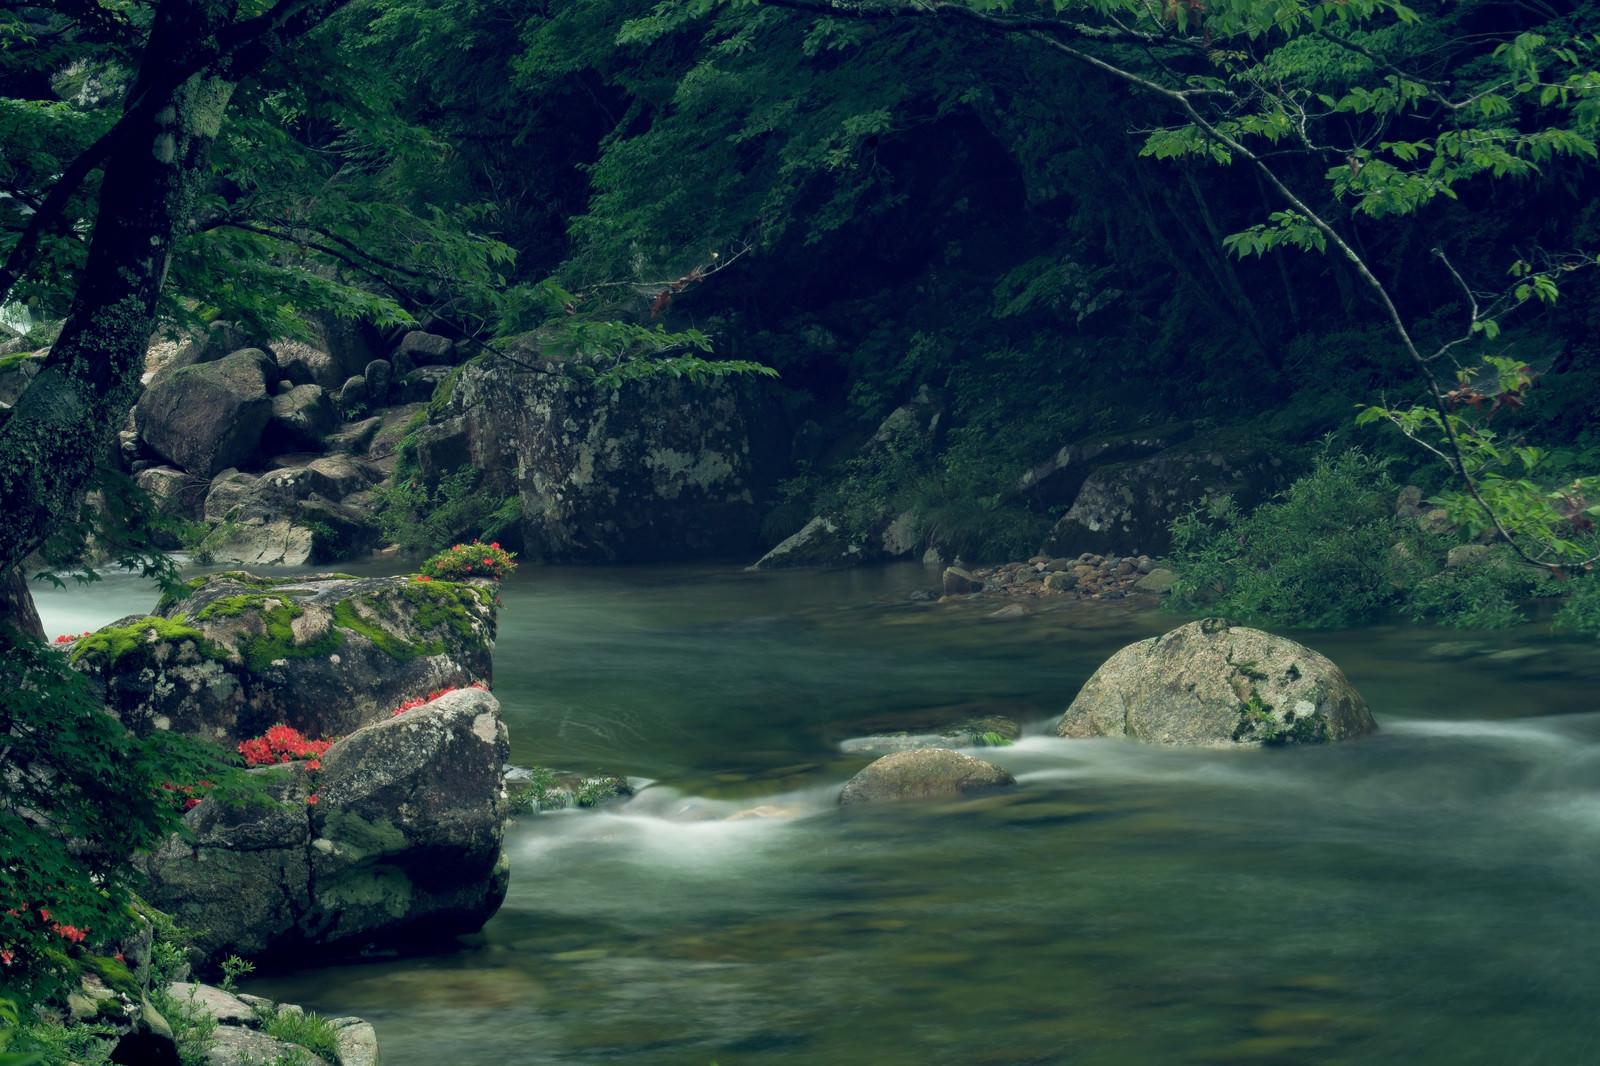 「小戸名渓谷の岩つつじ」の写真